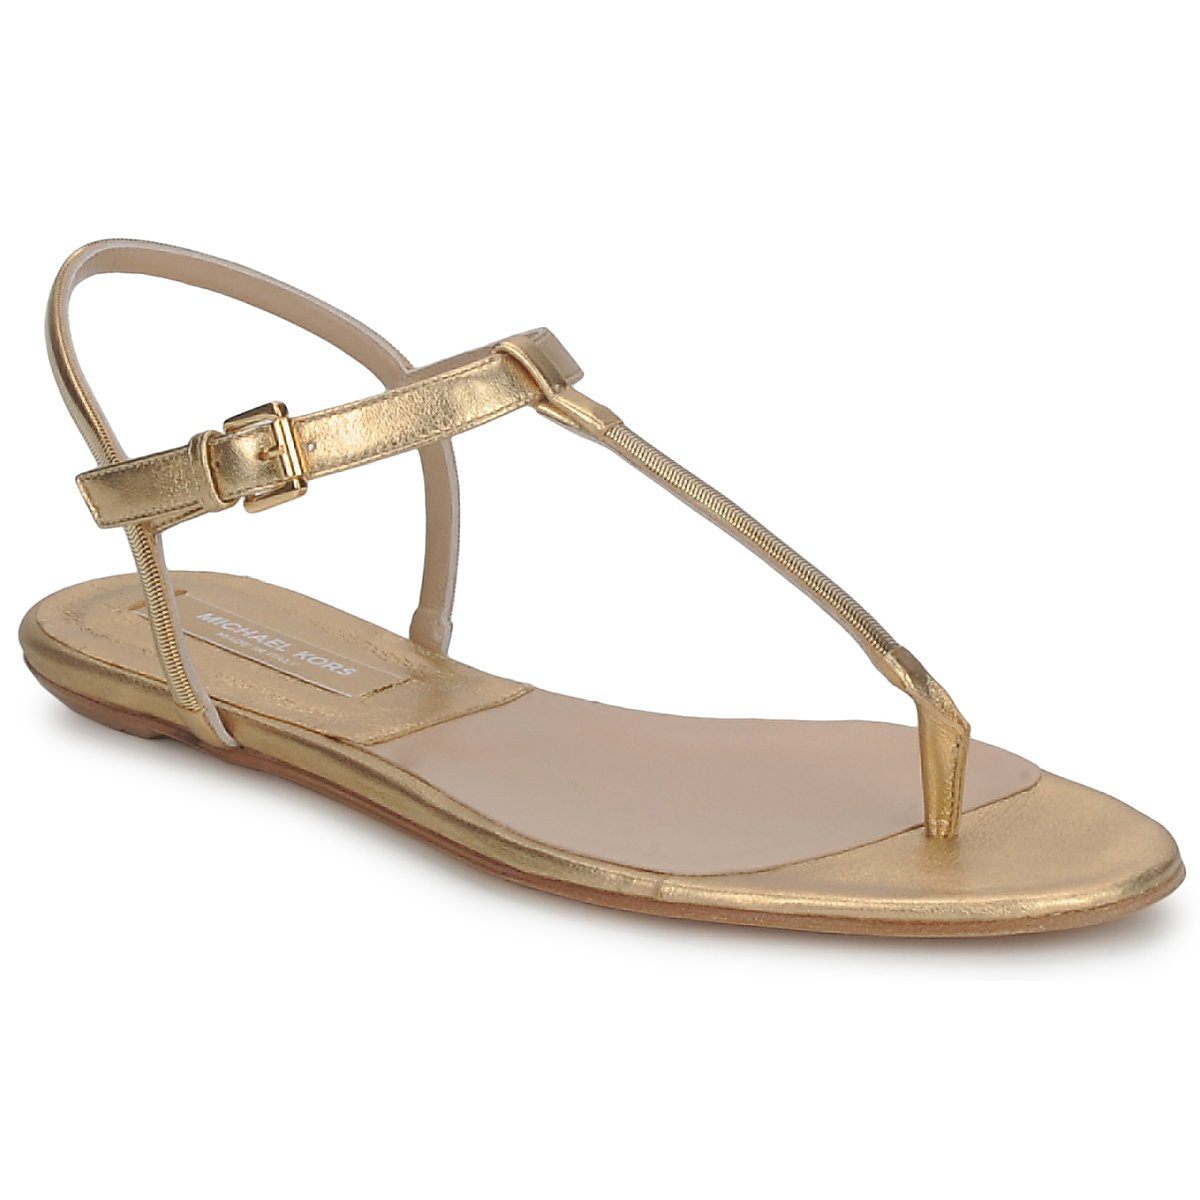 Sandale Michael Kors MK18017 Gold